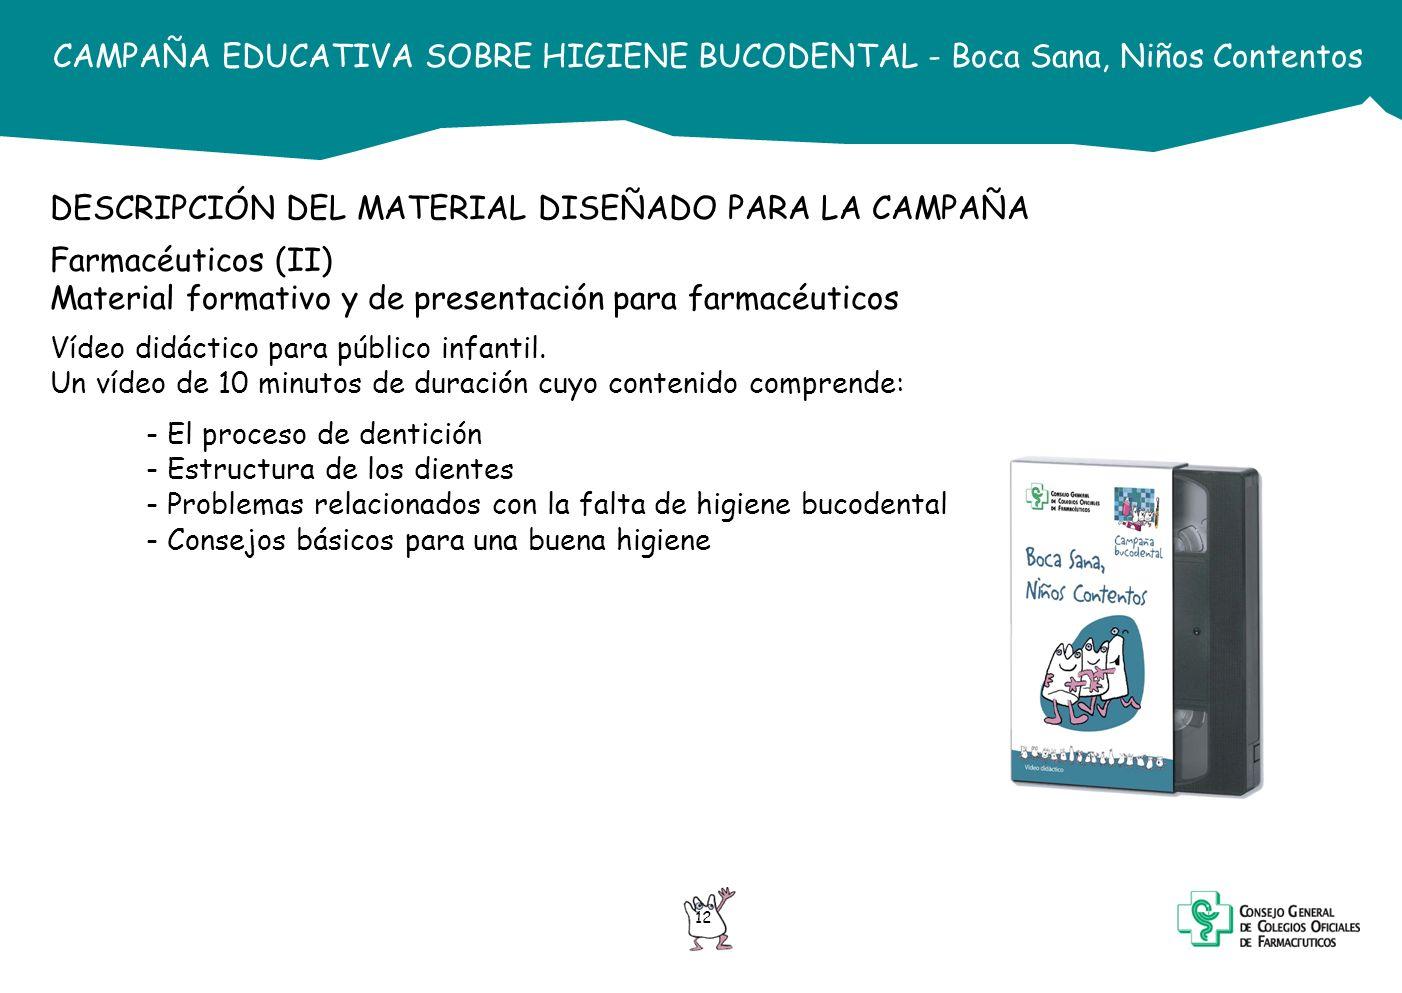 DESCRIPCIÓN DEL MATERIAL DISEÑADO PARA LA CAMPAÑA Farmacéuticos (II)